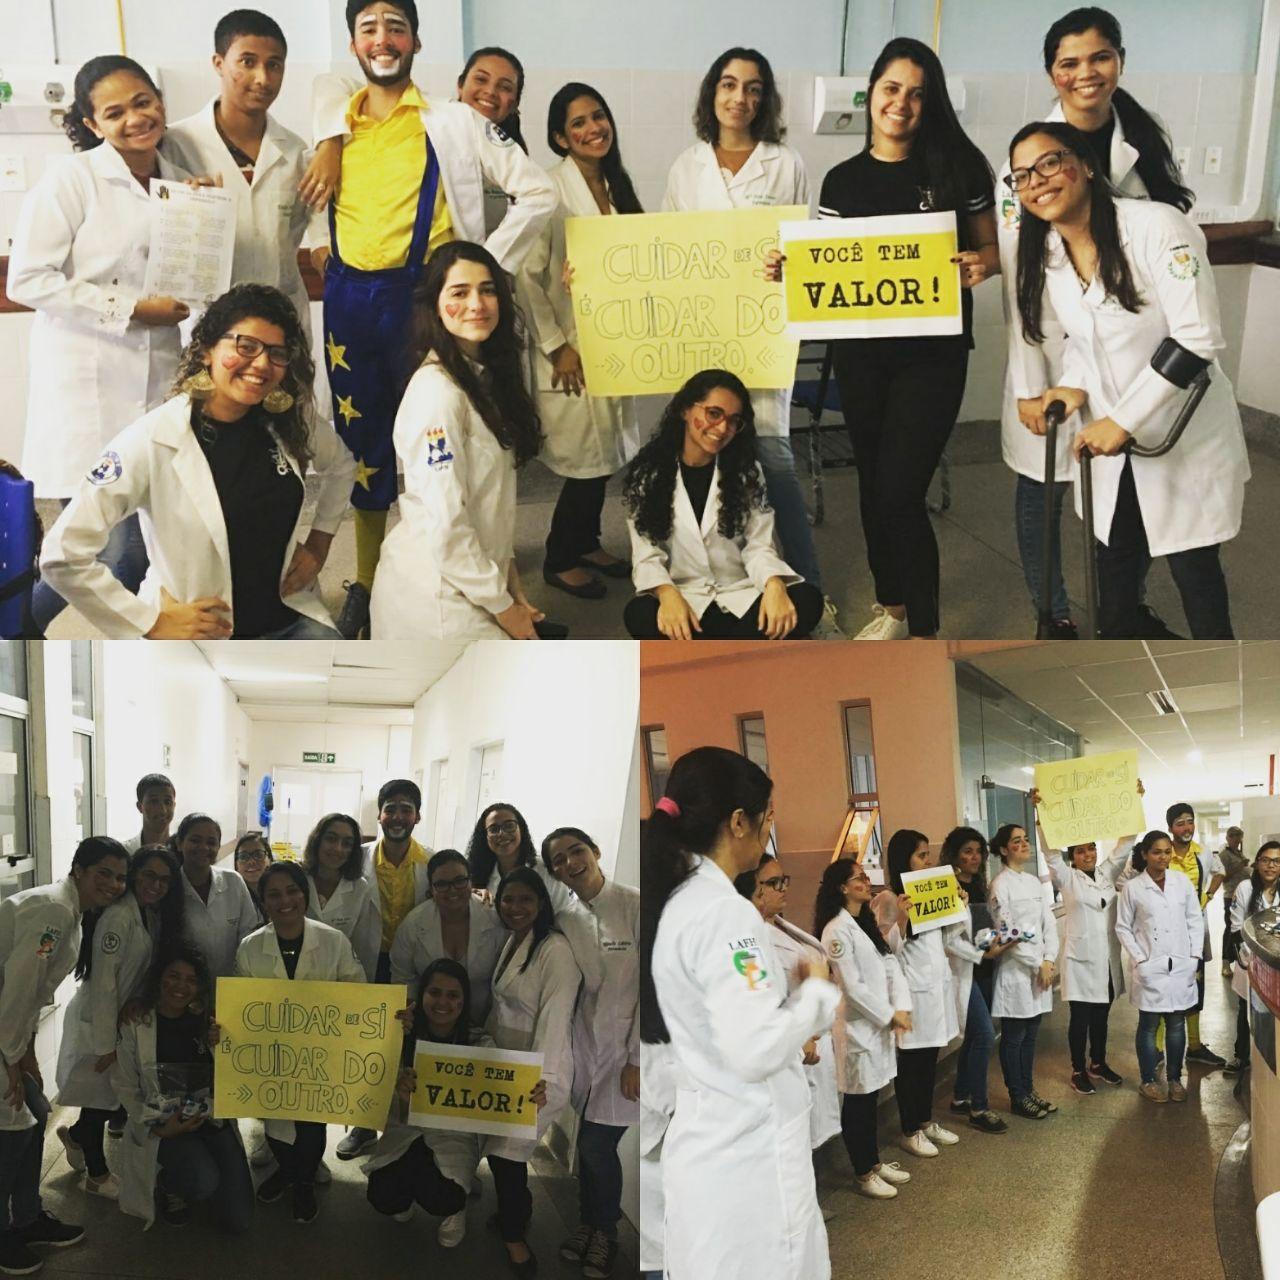 Alunos da farmácia apresentam cartazes com mensagem de incentivo de valorização da vida (Foto: colaboração professora Taís Unfer)